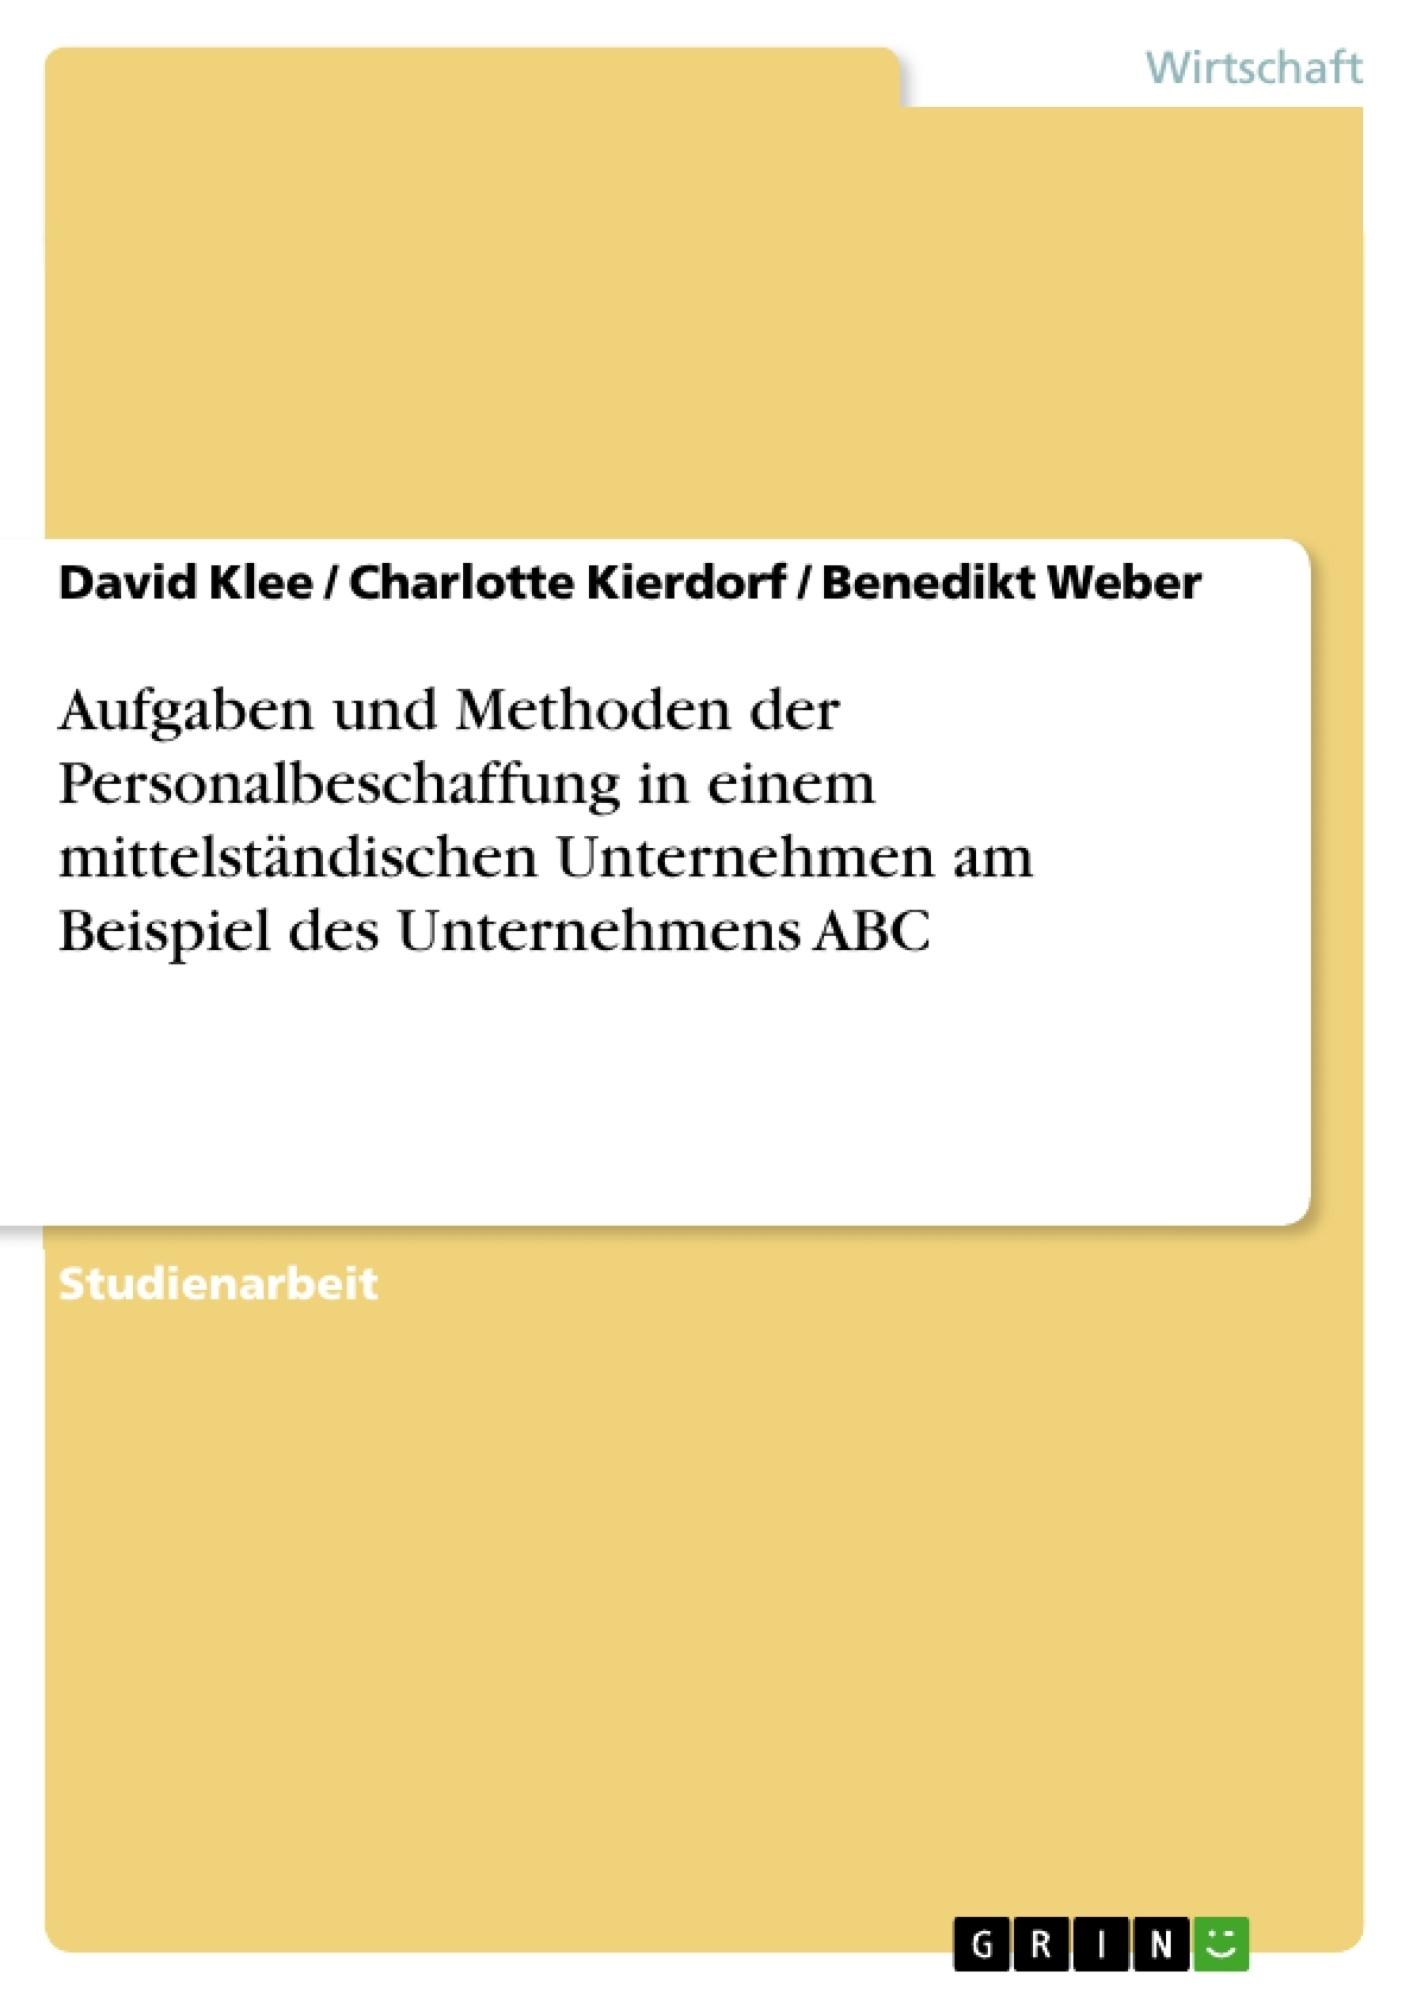 Titel: Aufgaben und Methoden der Personalbeschaffung in einem mittelständischen Unternehmen am Beispiel des Unternehmens ABC